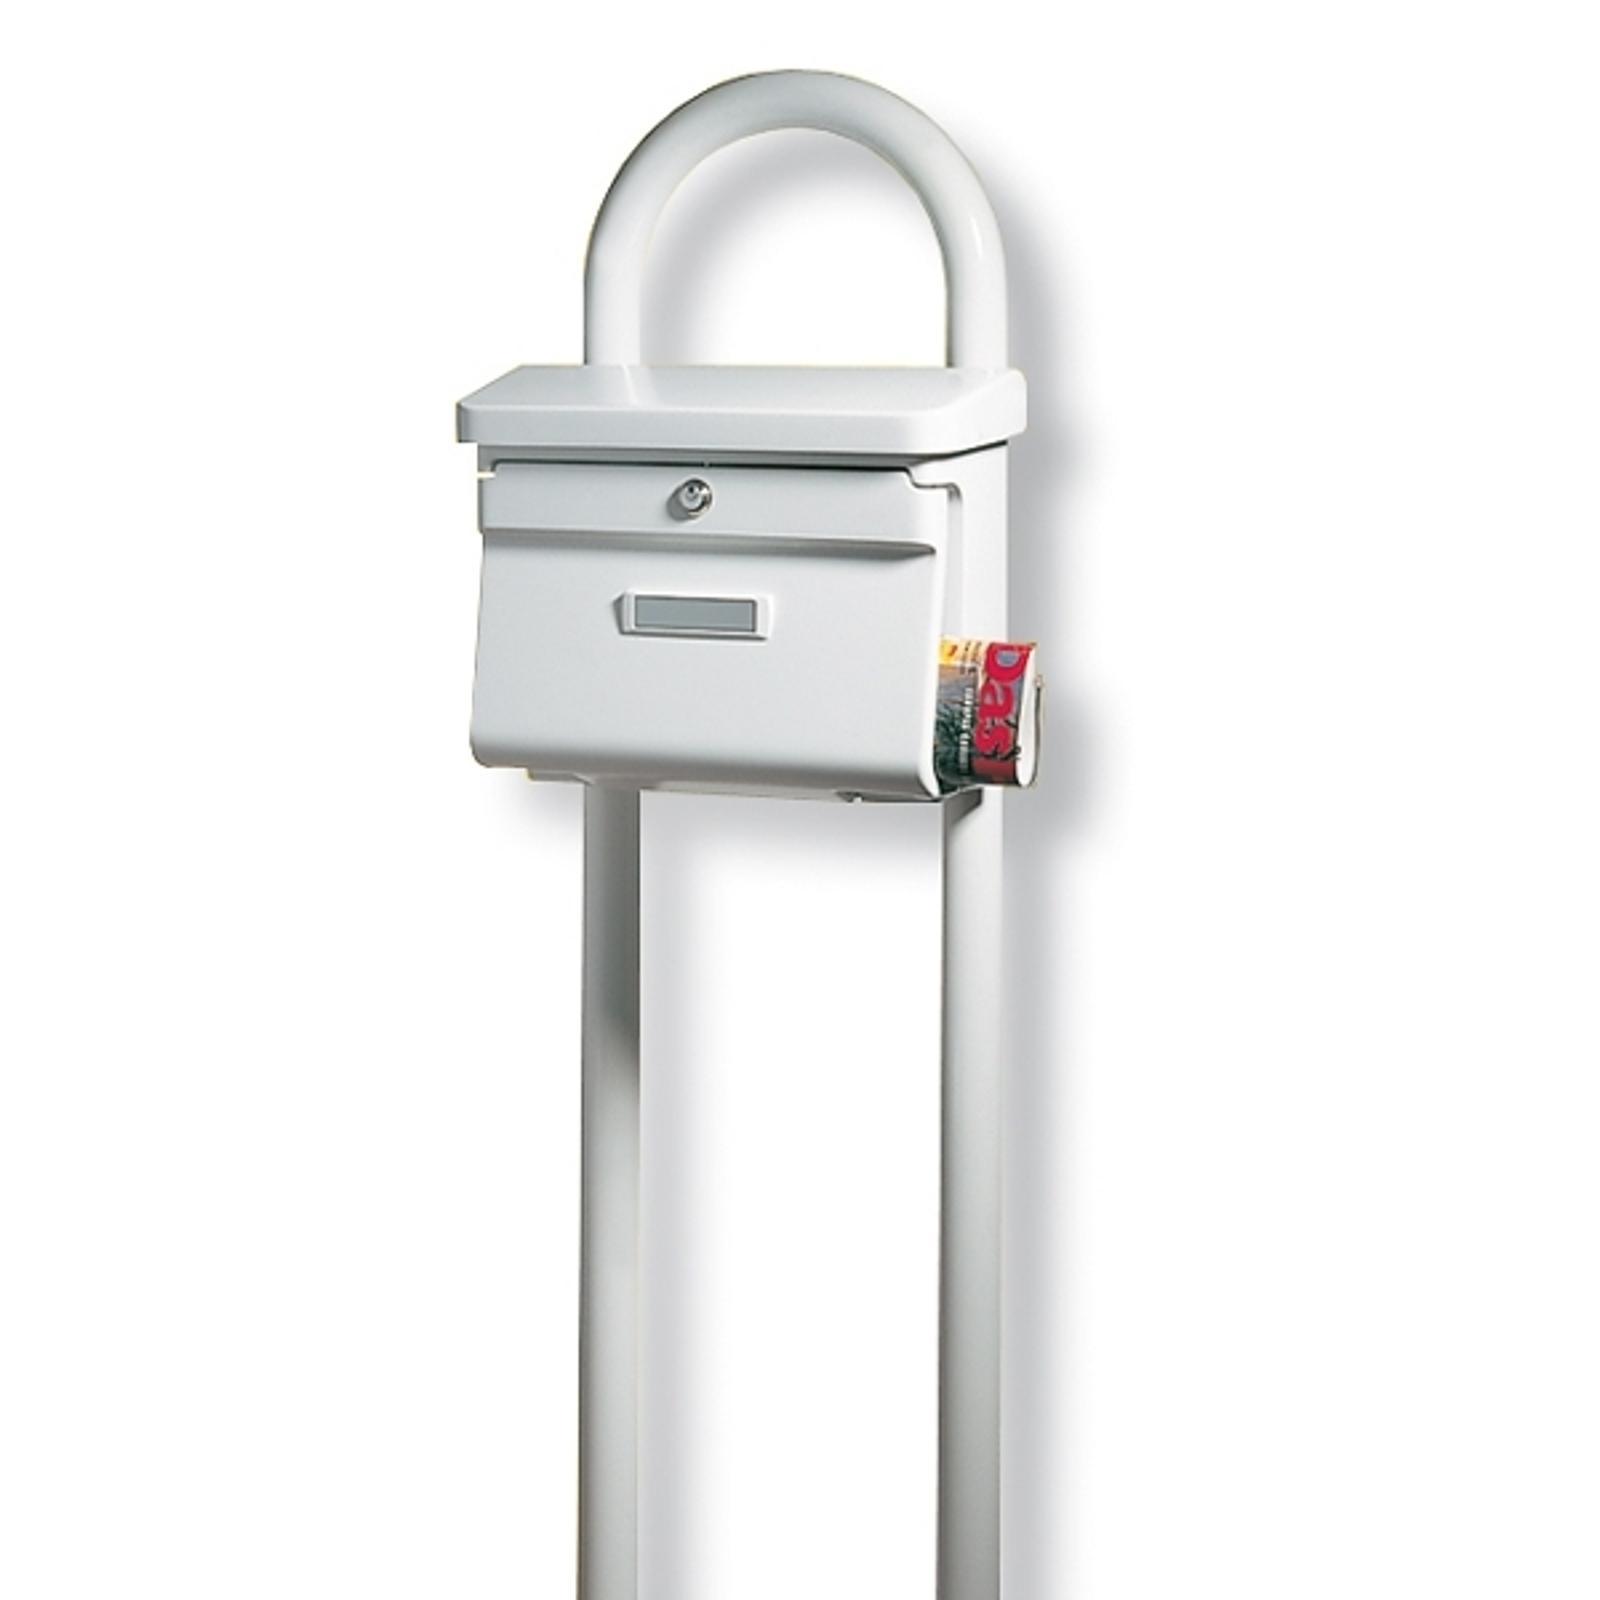 Rondo-postilaatikkopylväs, valkoinen